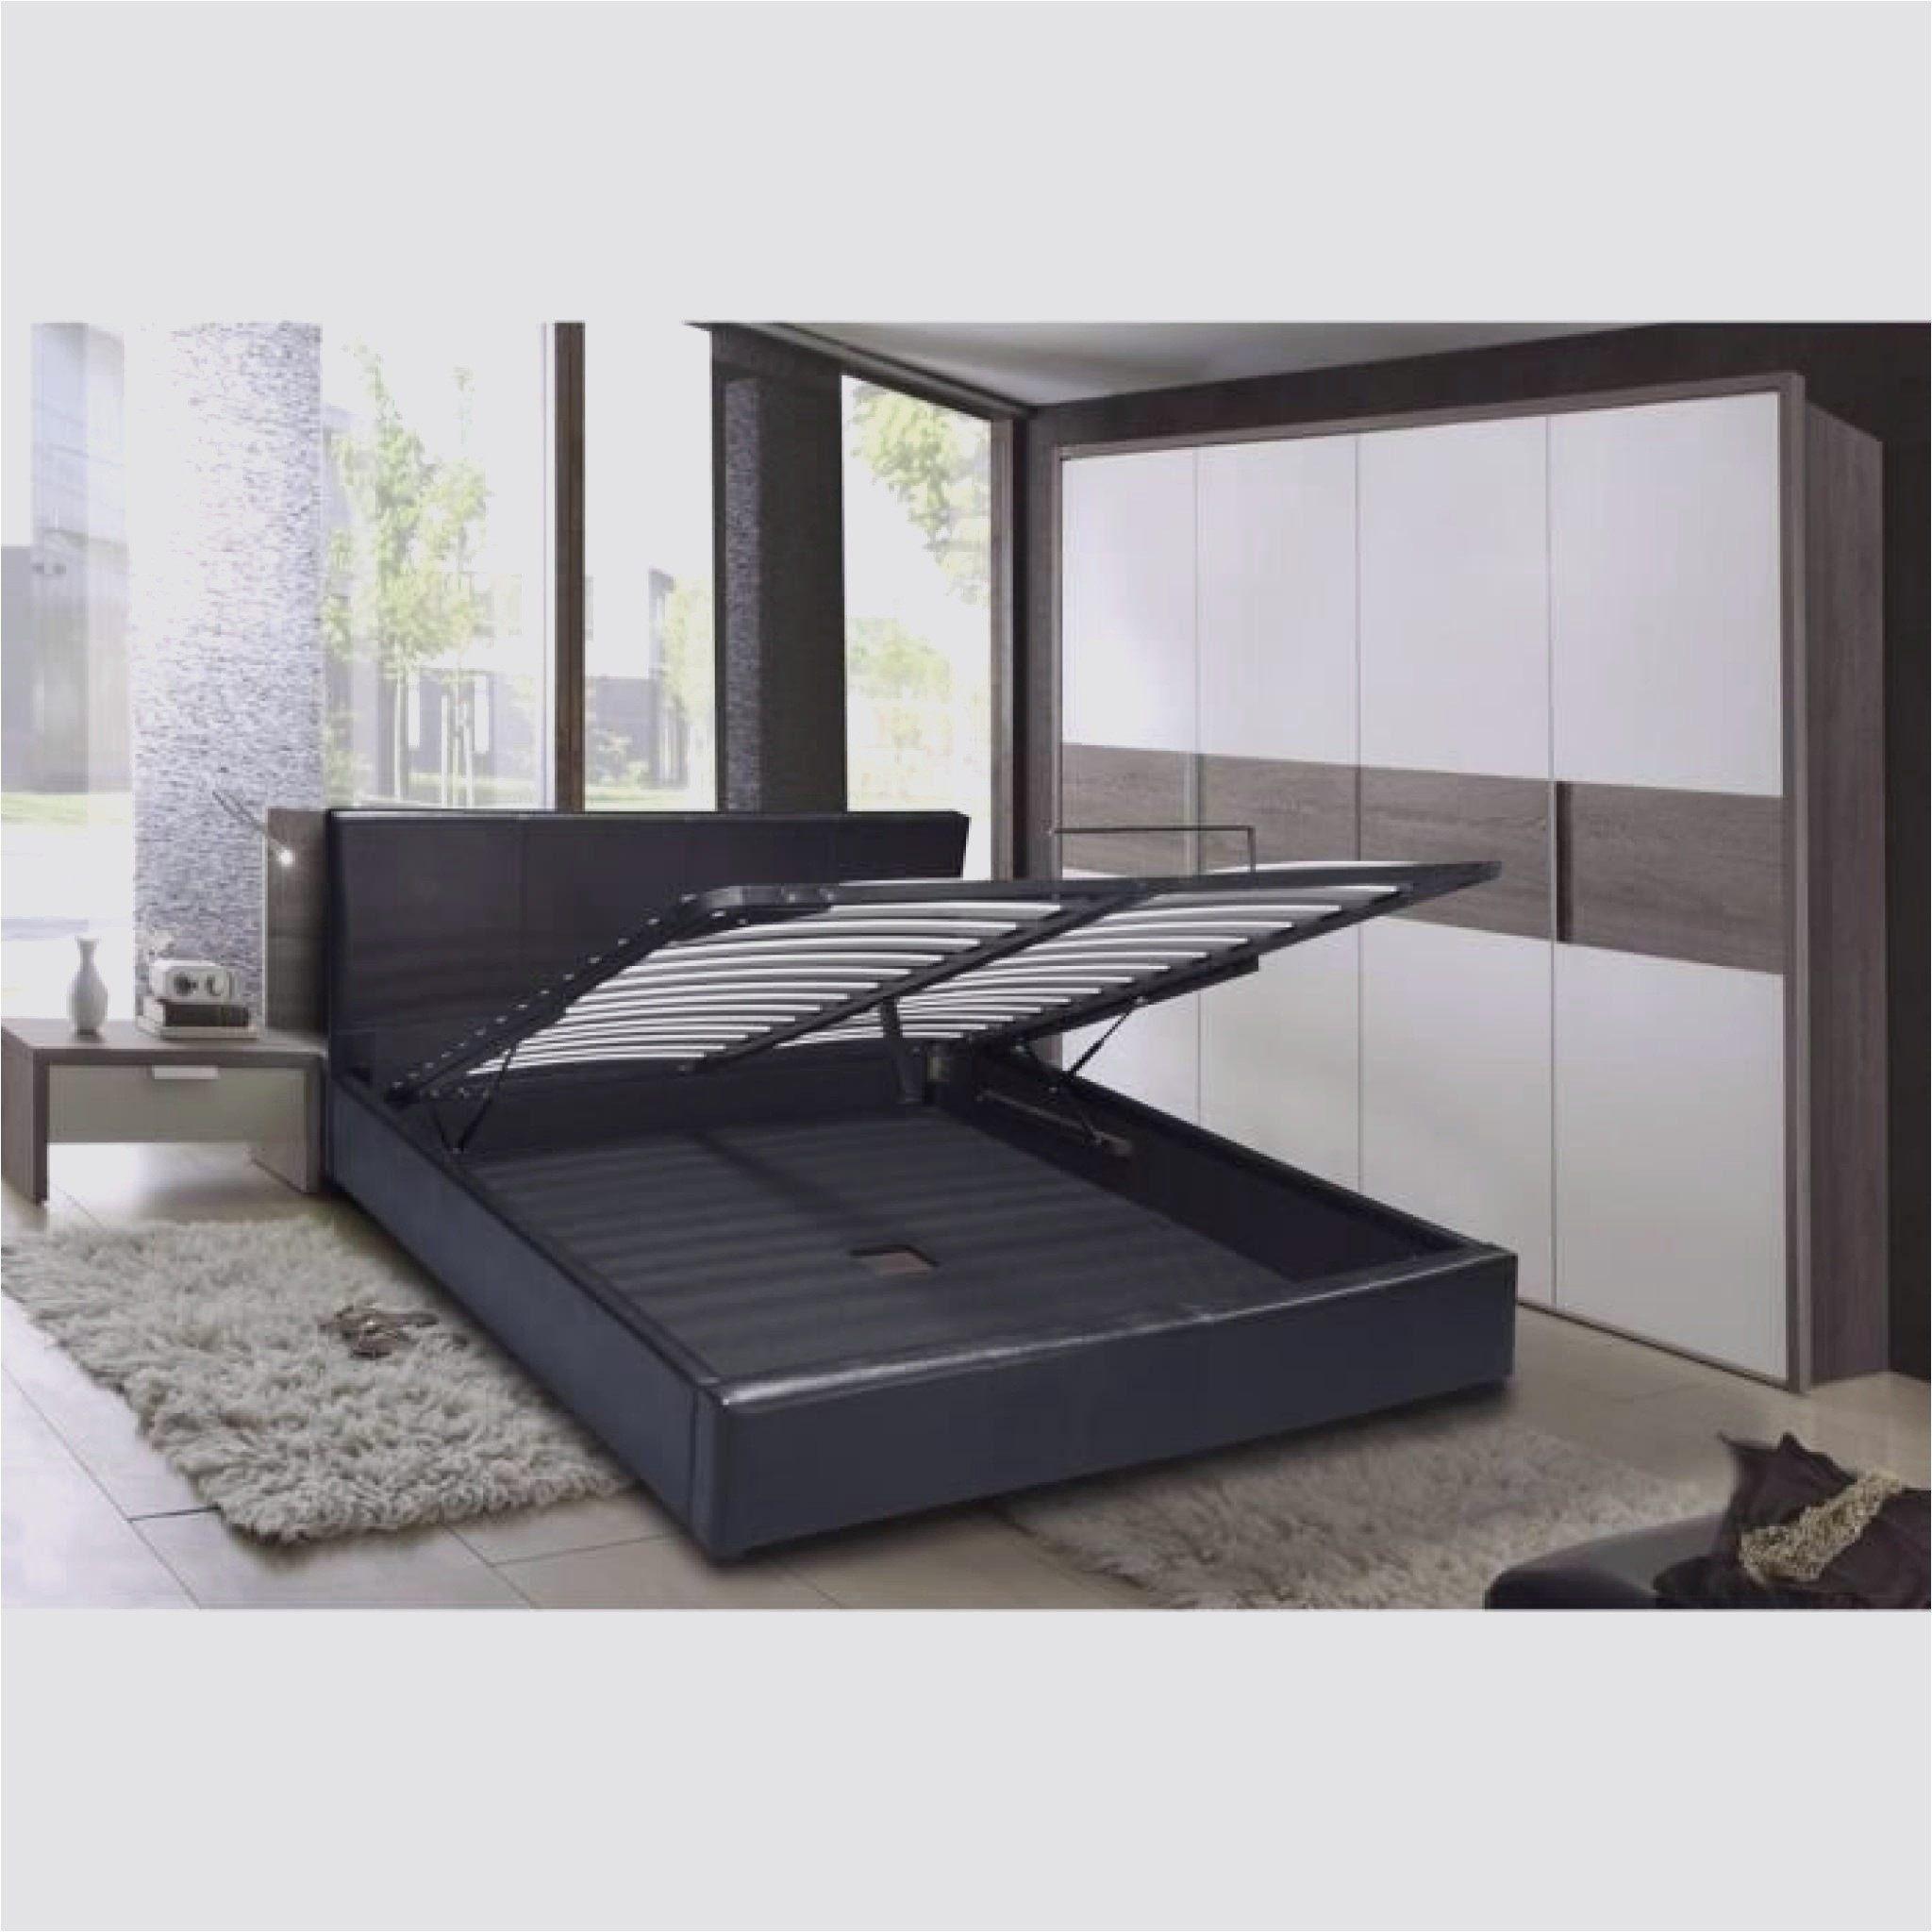 Lit Coffre 160x200 Ikea Le Luxe Lit 80 190 Lit Coffre 90—190 Conforama Rare Tiroir De Lit Conforama